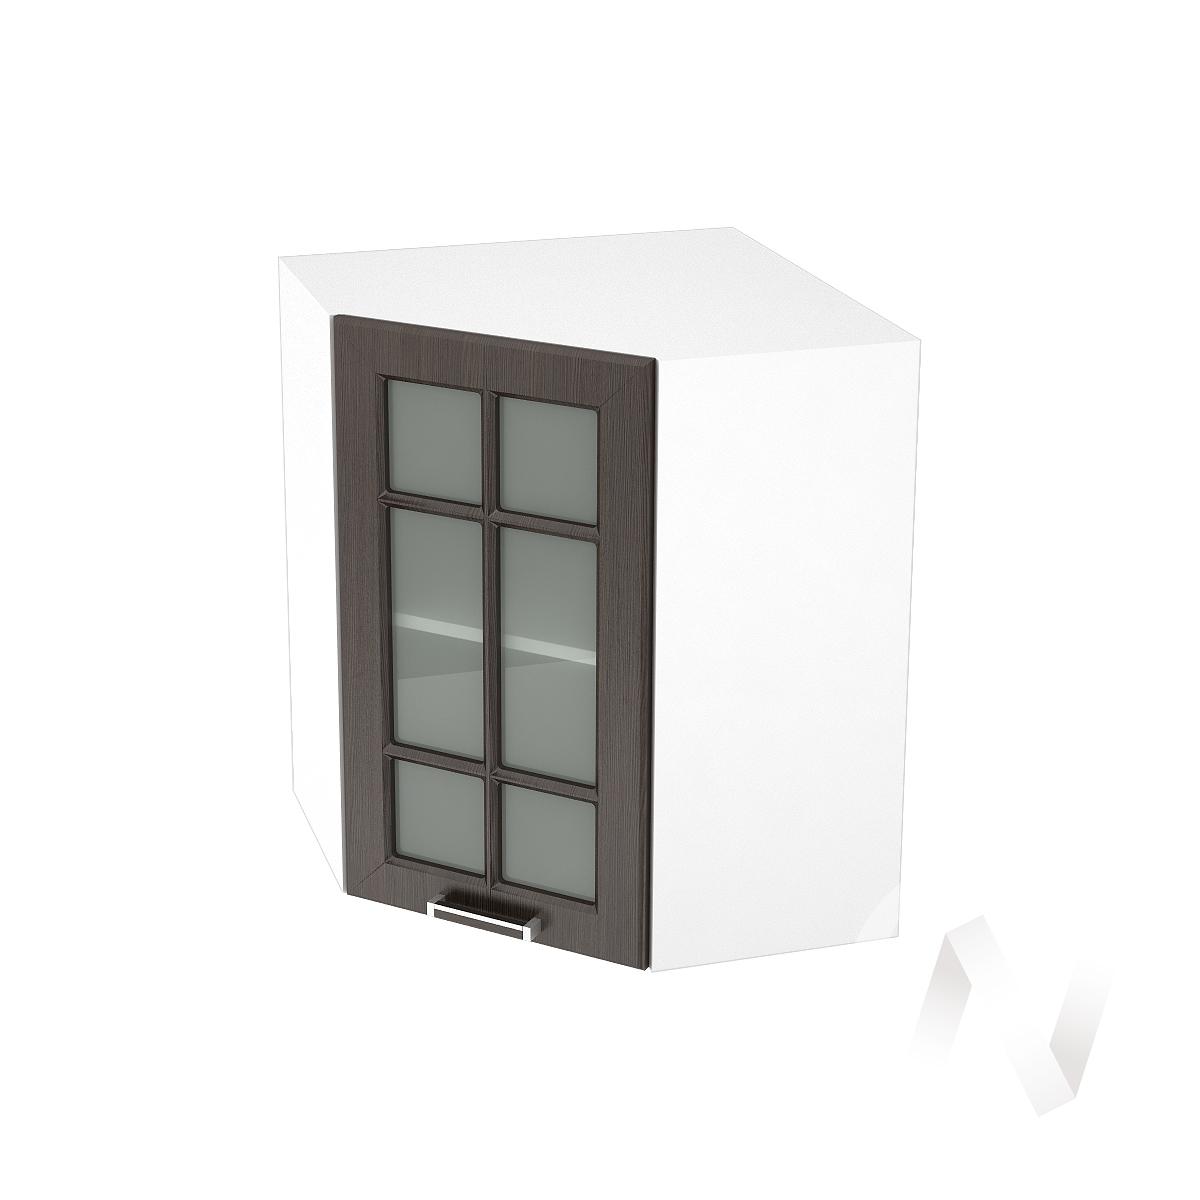 """Кухня """"Прага"""": Шкаф верхний угловой со стеклом 590, ШВУС 590 (венге/корпус белый)"""